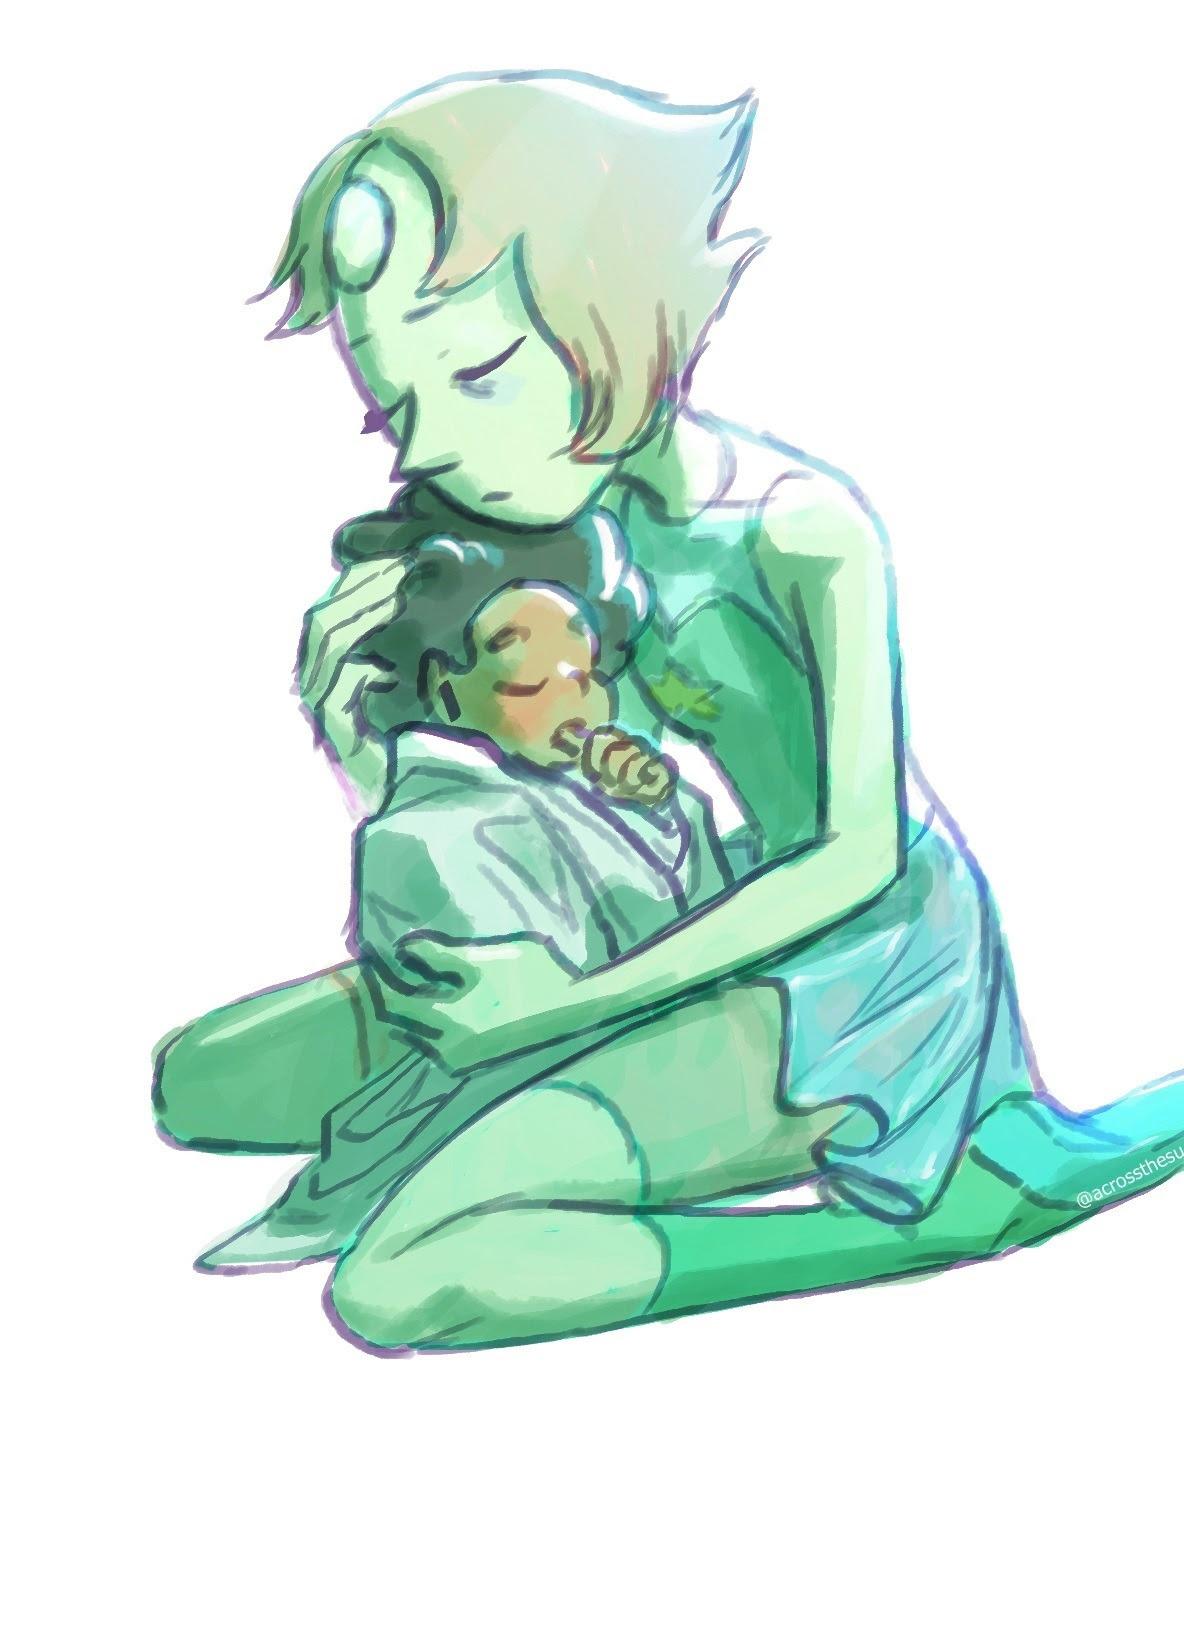 Crystal gems love Steven